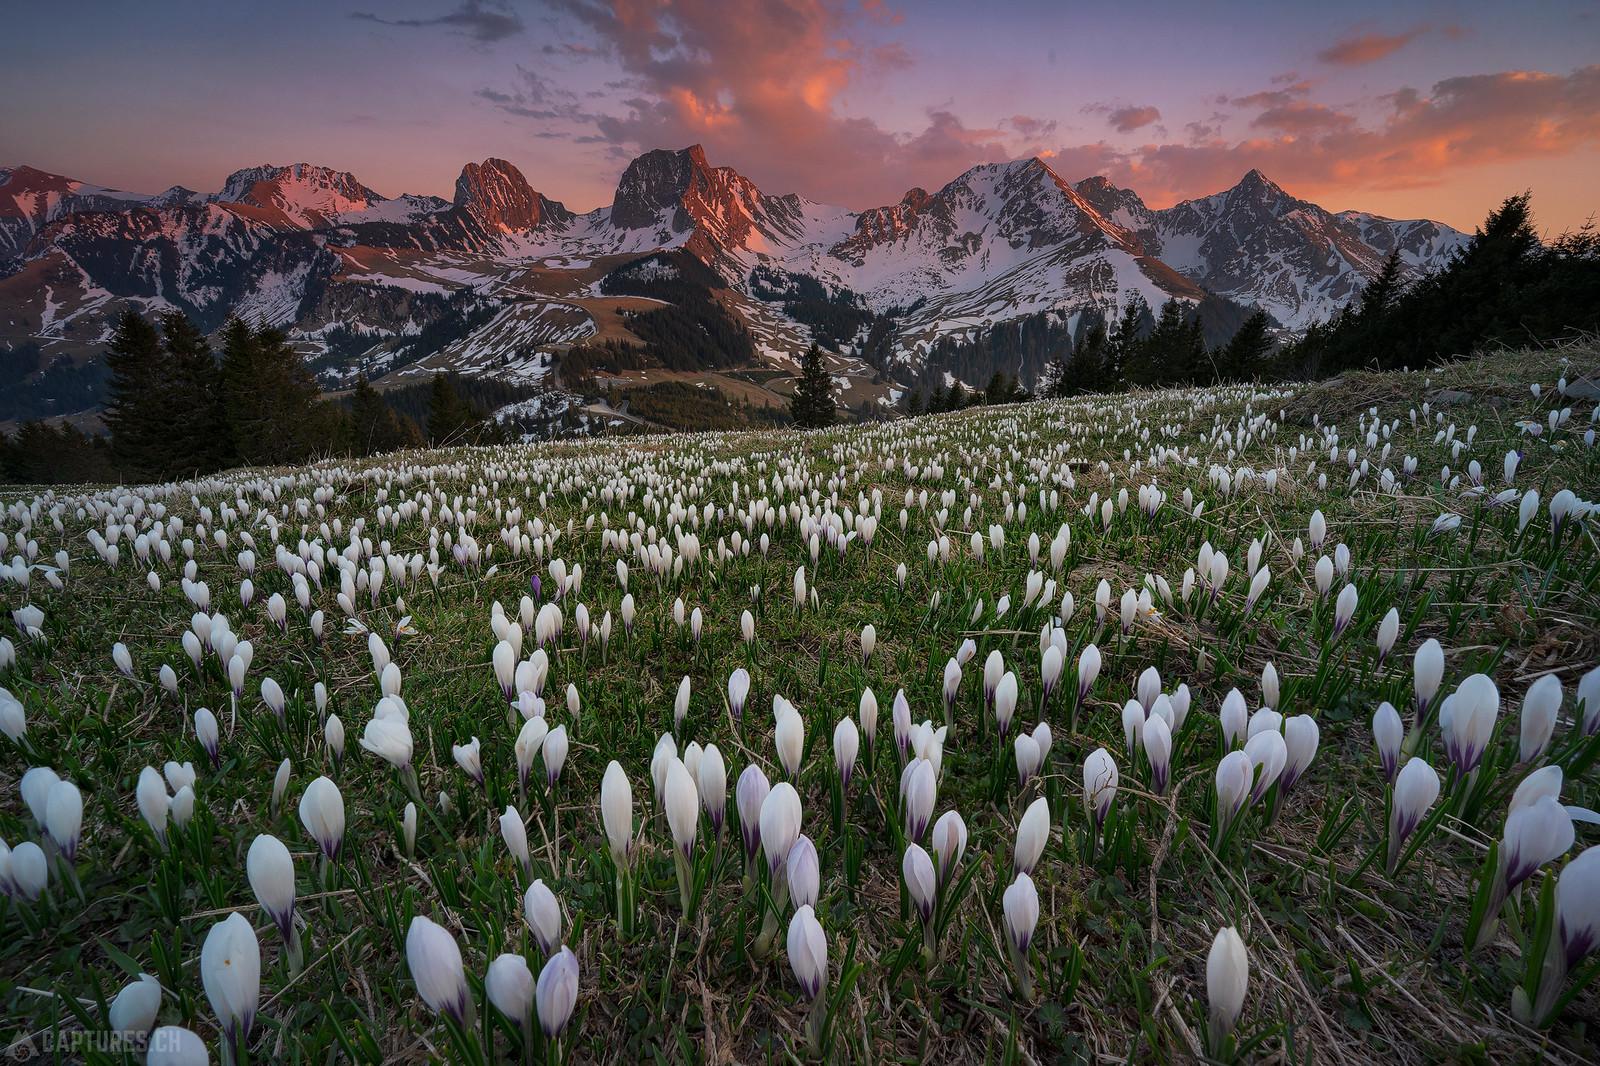 Last sun on the mountains - Gurnigel